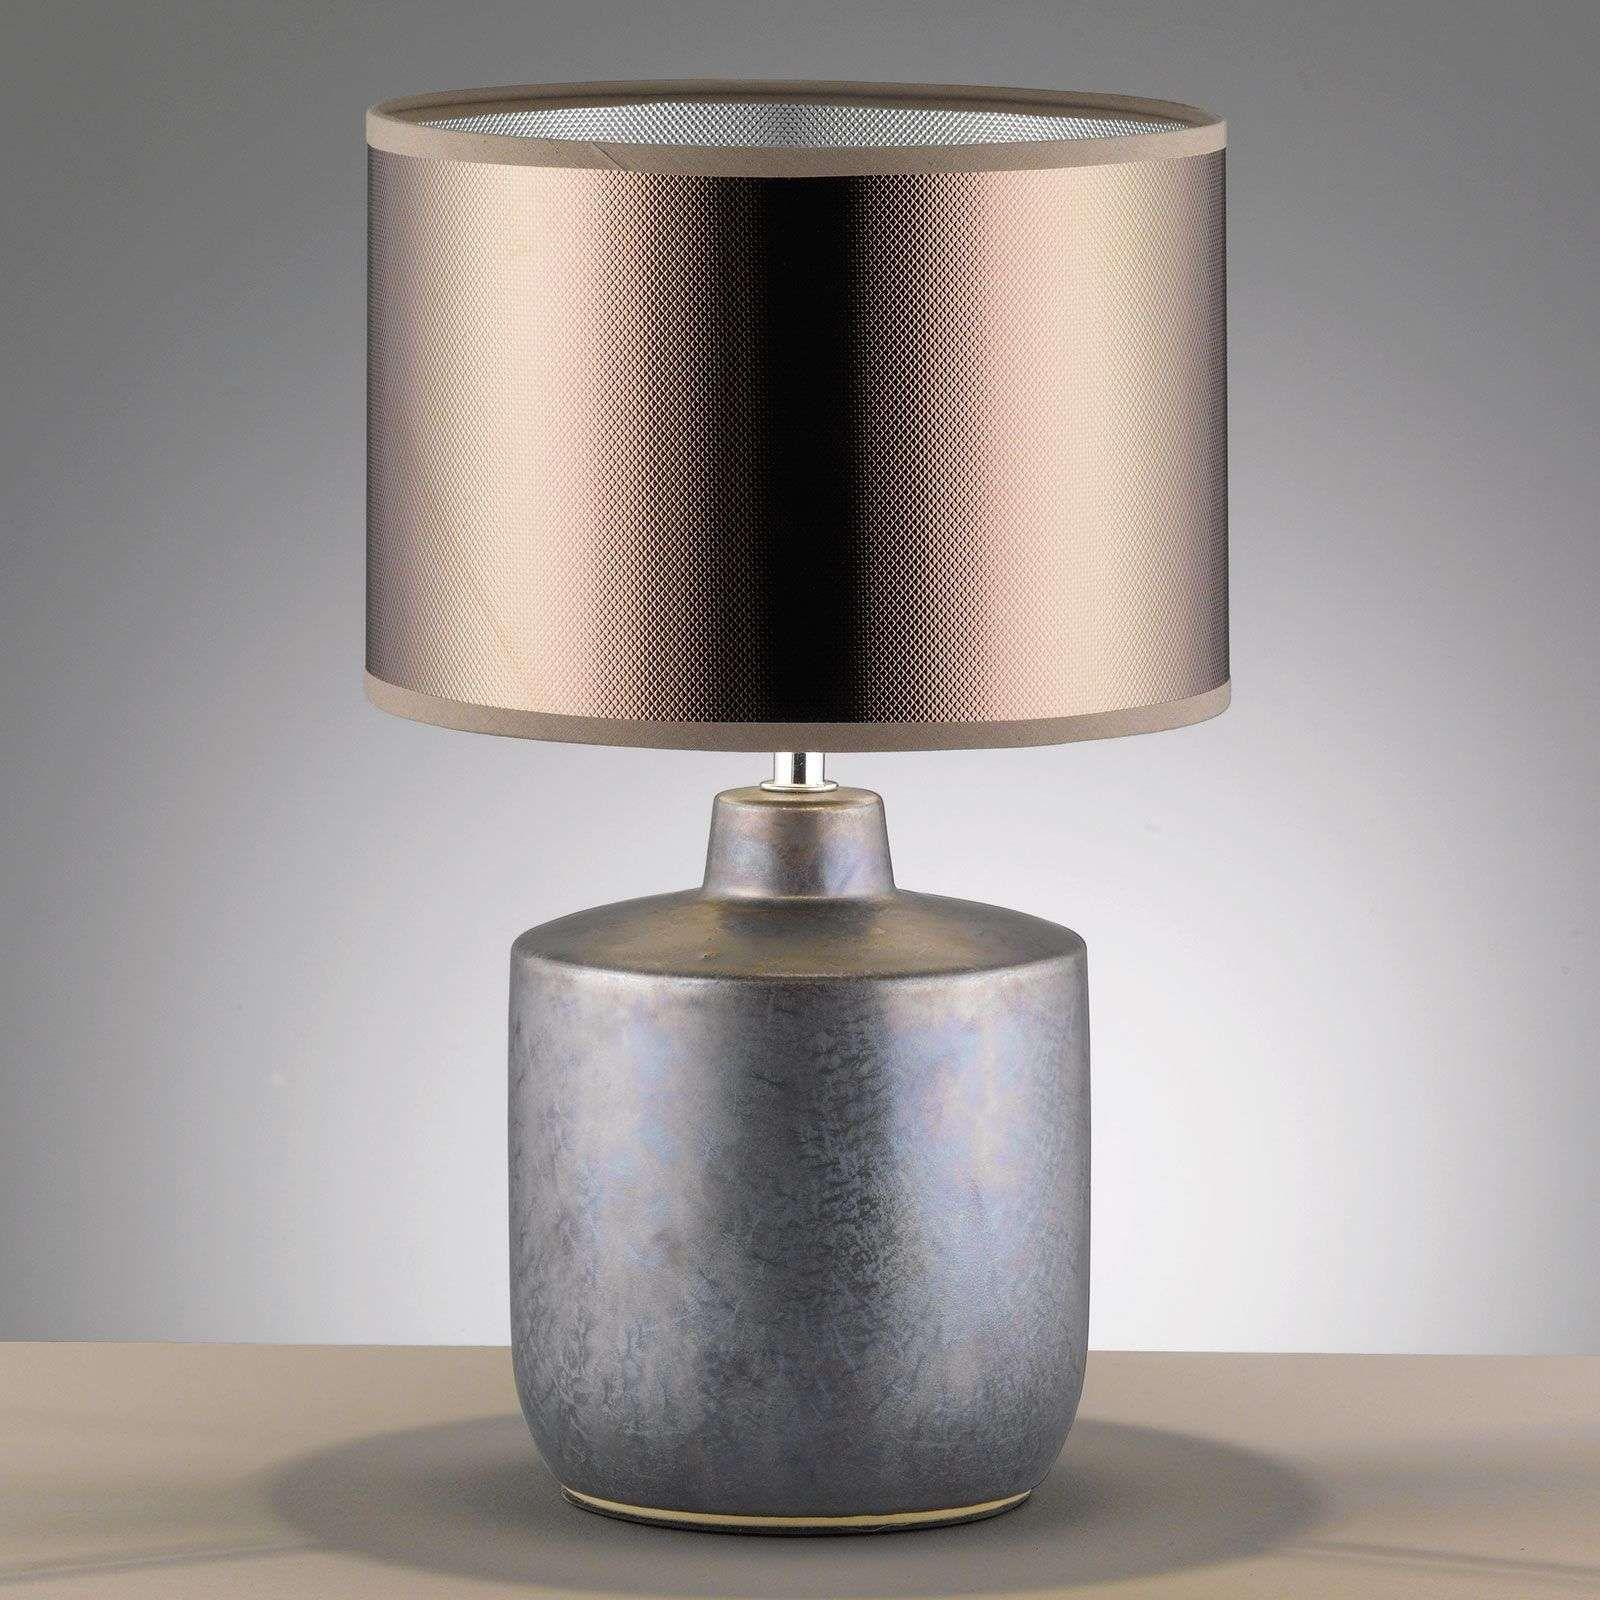 Tischleuchte Lino Gold Mit Keramikfuss Hohe 37 Cm Tischleuch